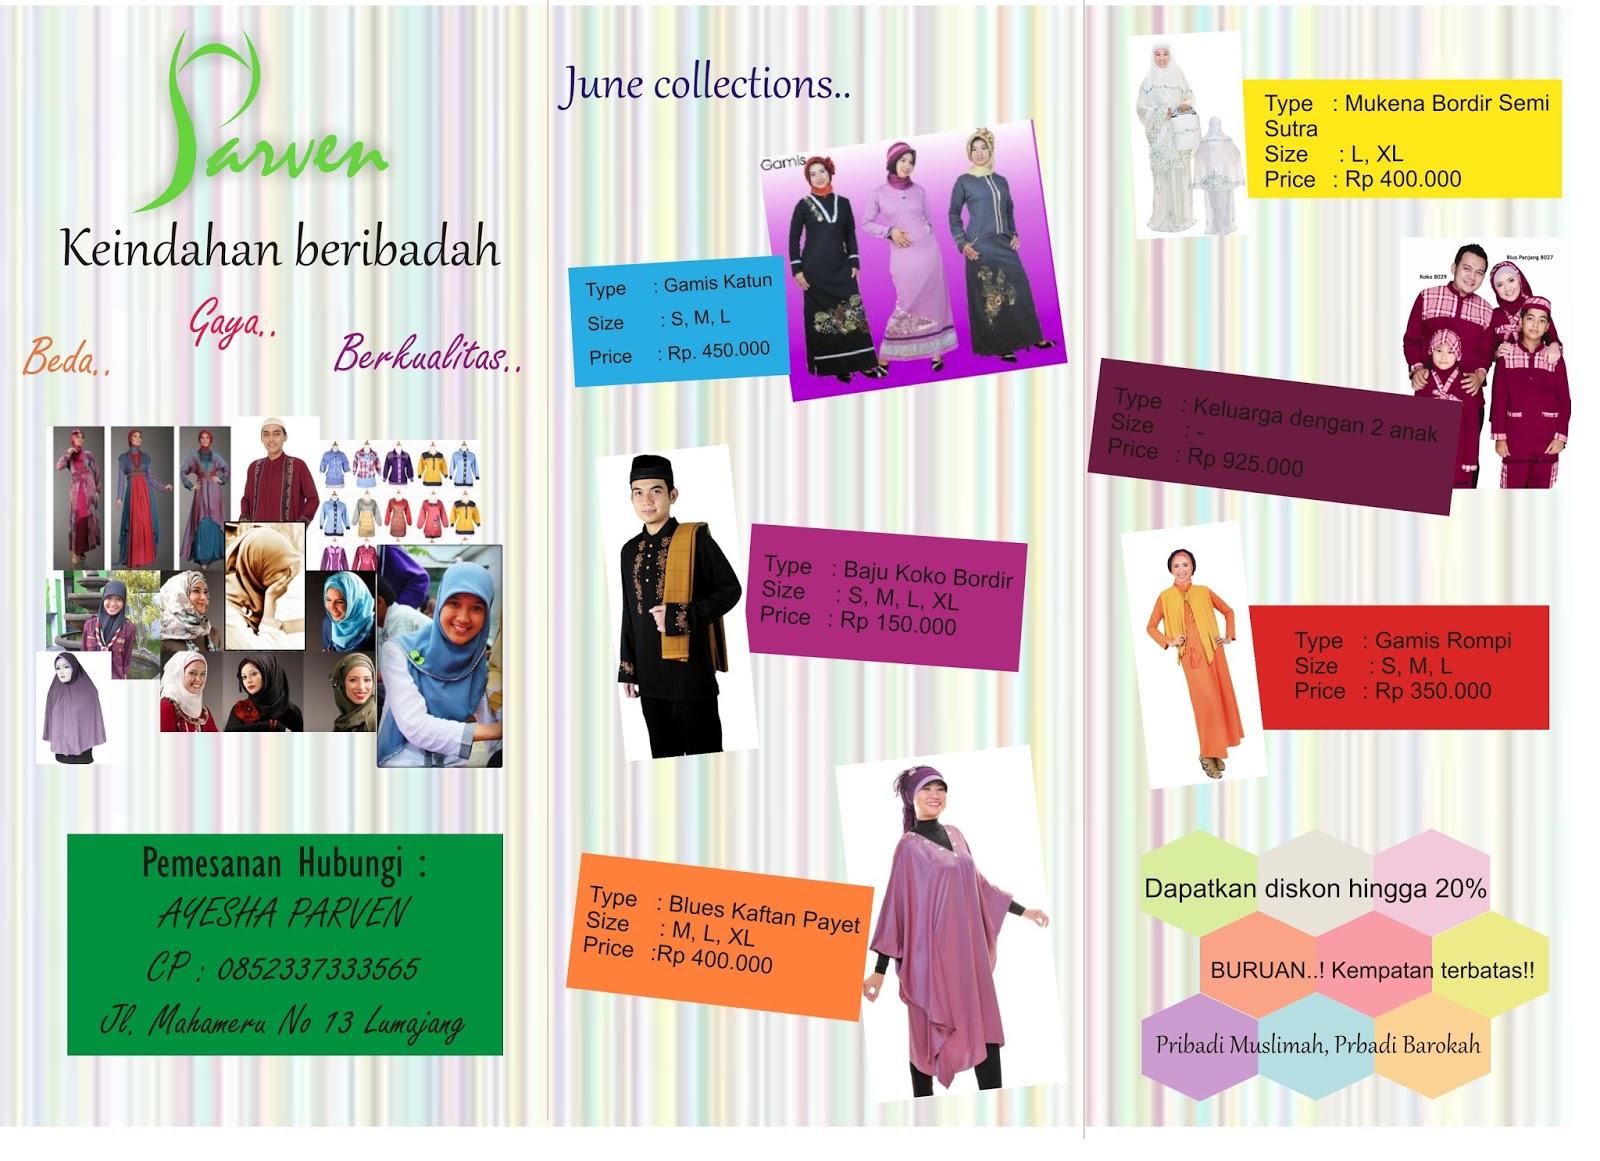 Download Contoh Brosur Toko Busana Muslim Rellanu